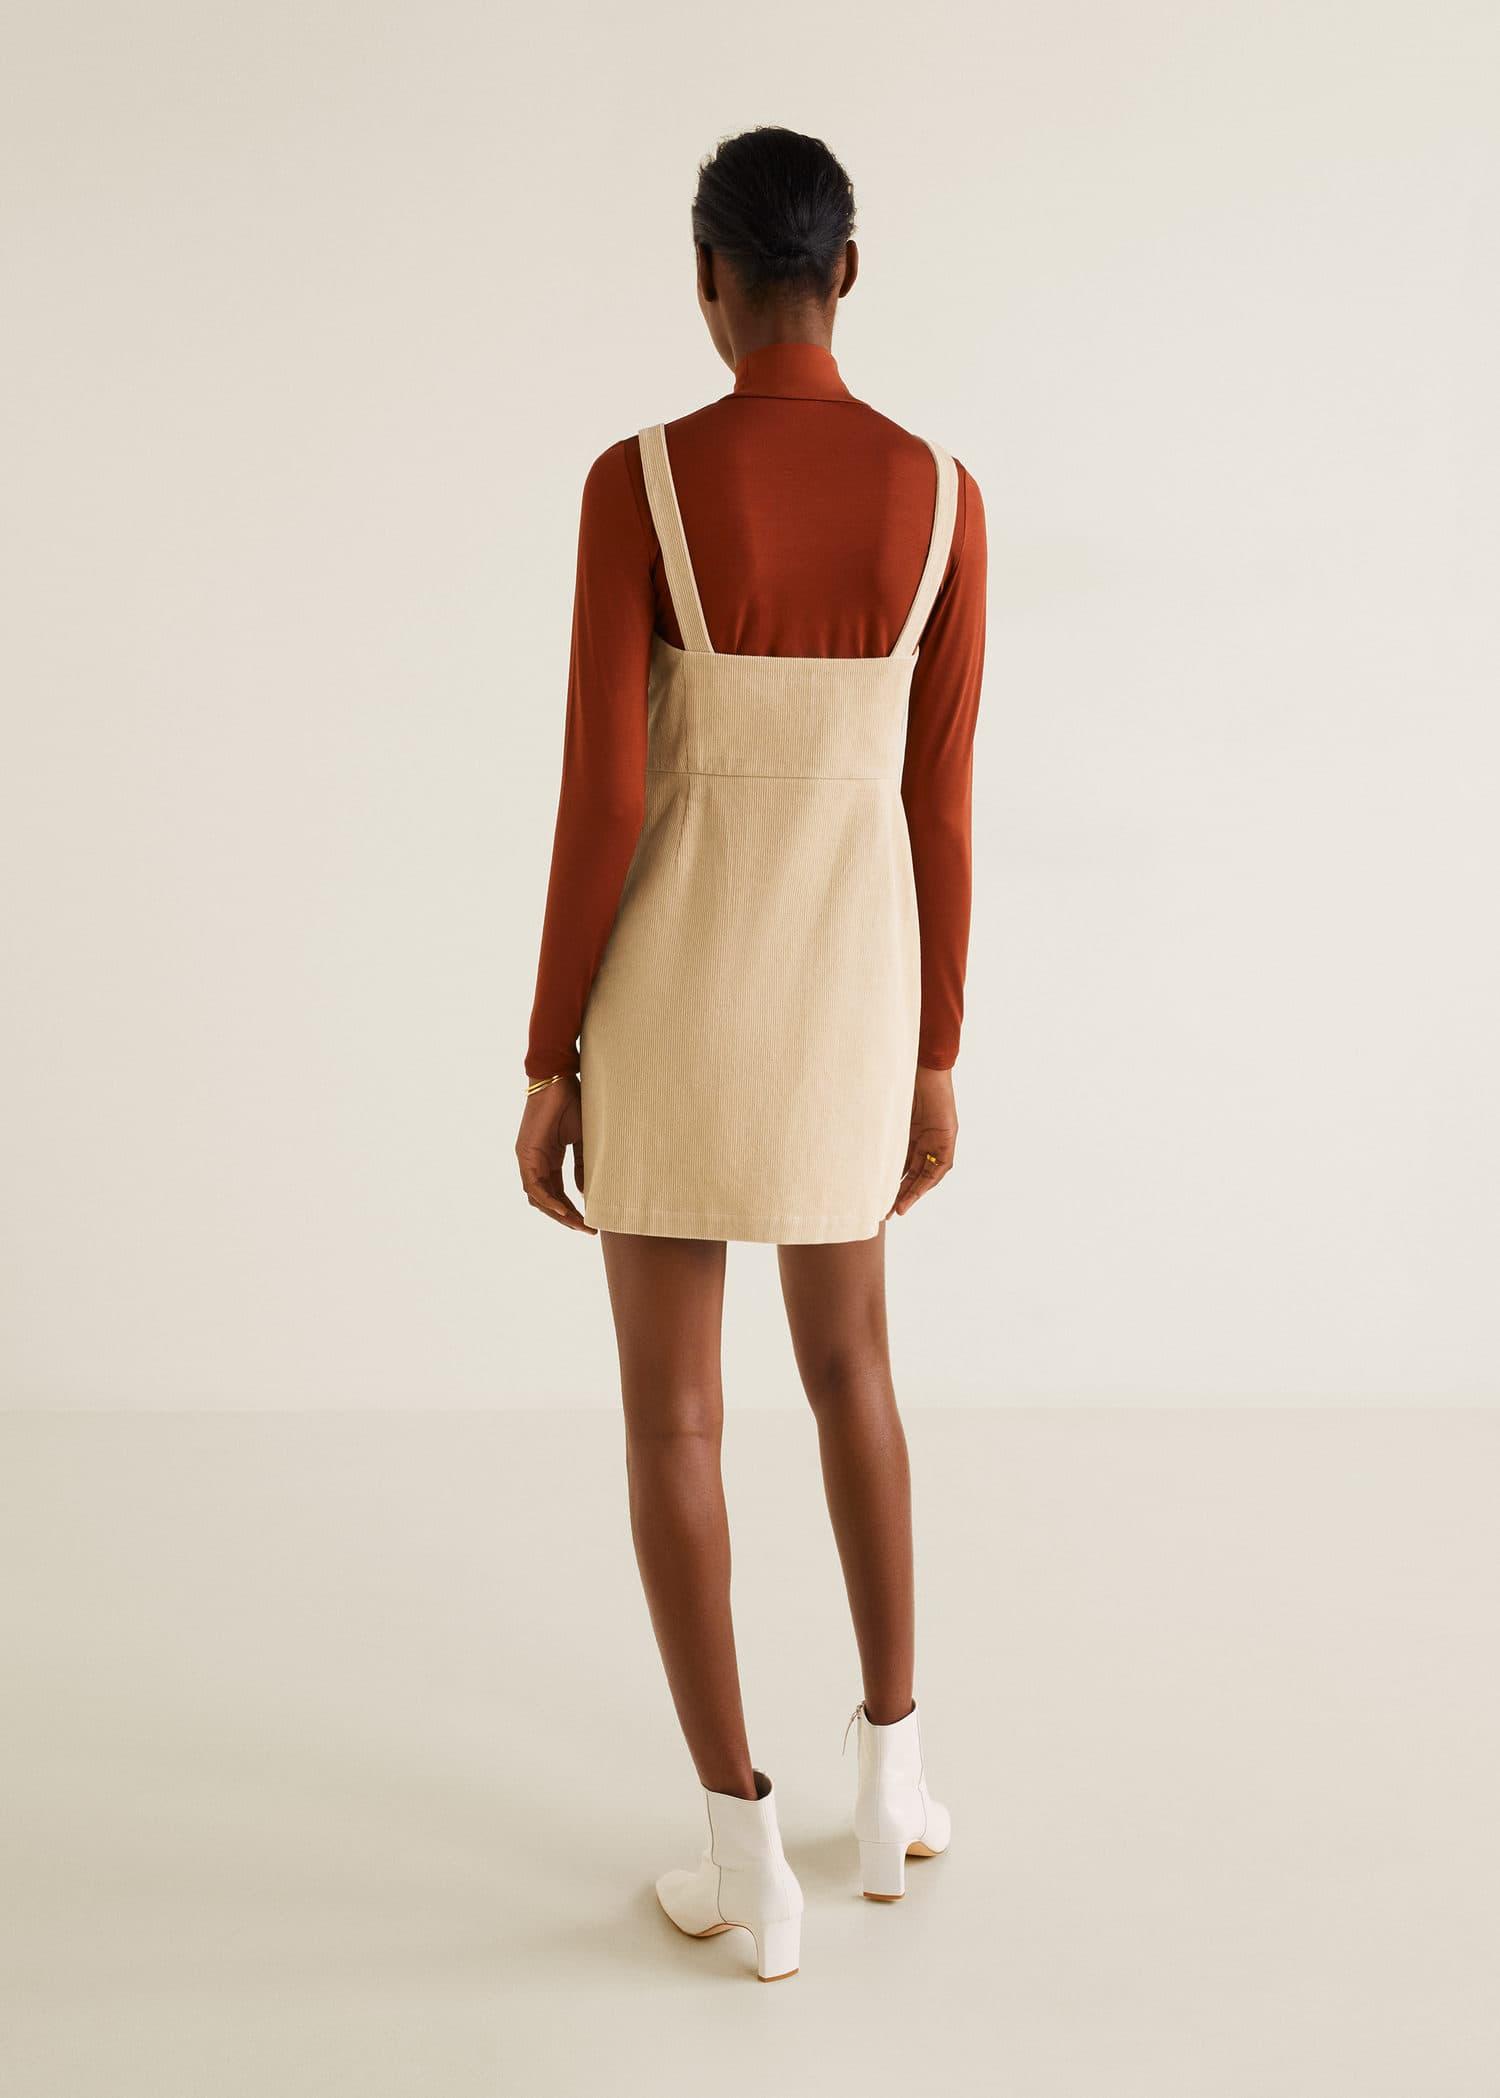 Pichi de bombazine Mulher | Mulher, Vestidos de mulher e